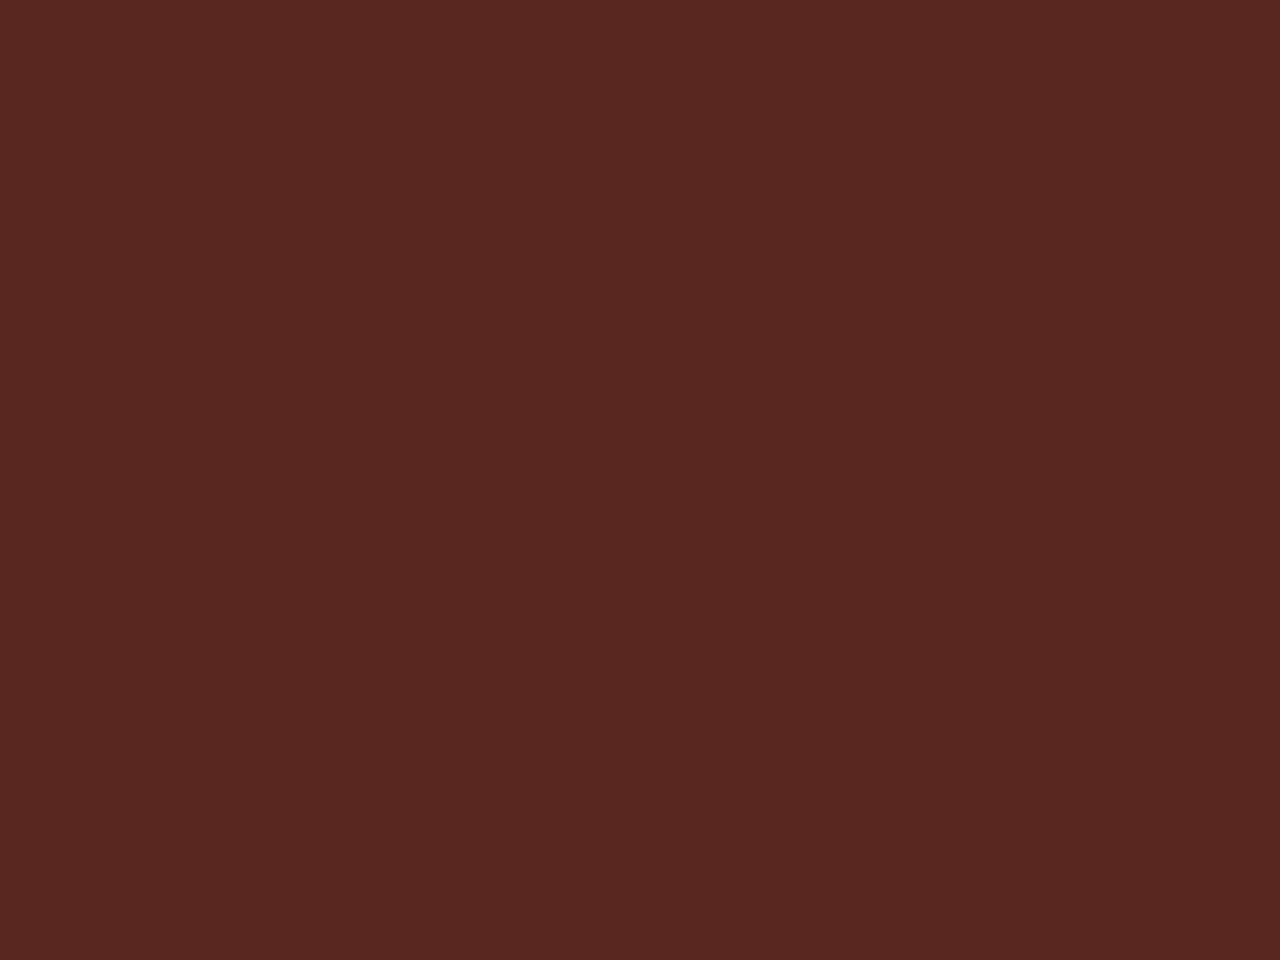 1280x960 Caput Mortuum Solid Color Background